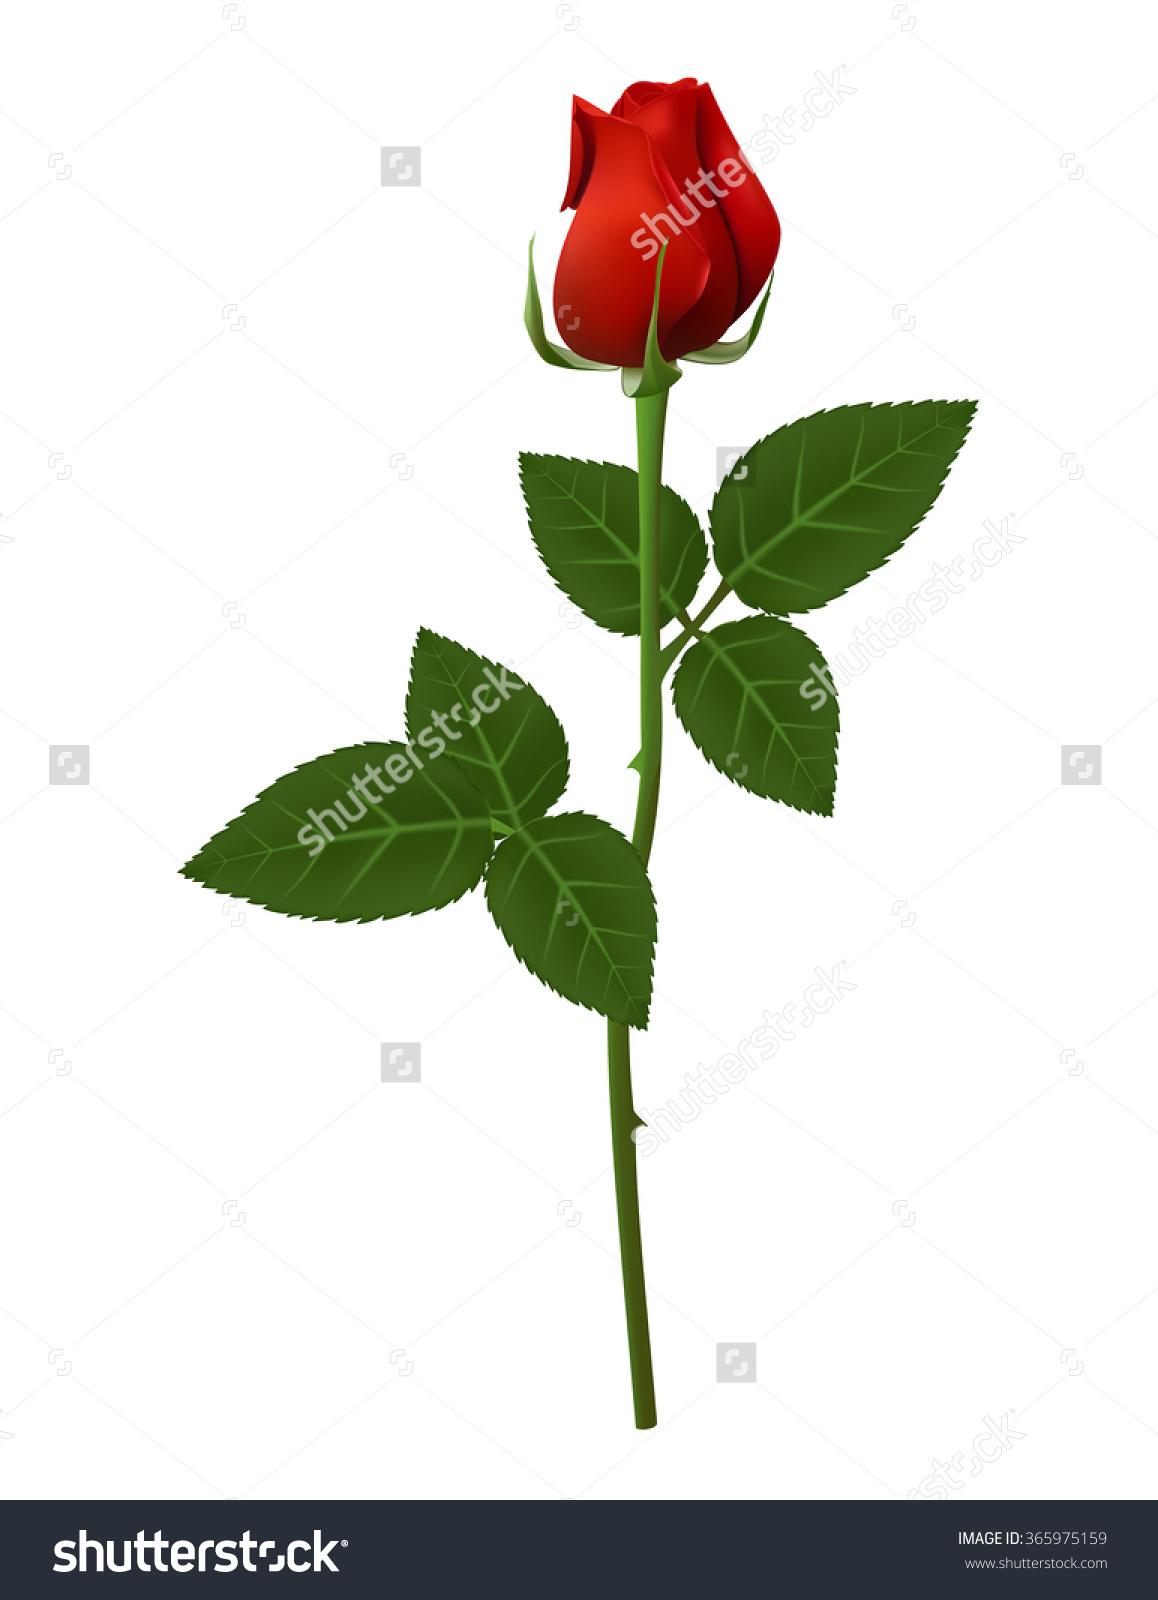 Rose clipart long stem rose #4